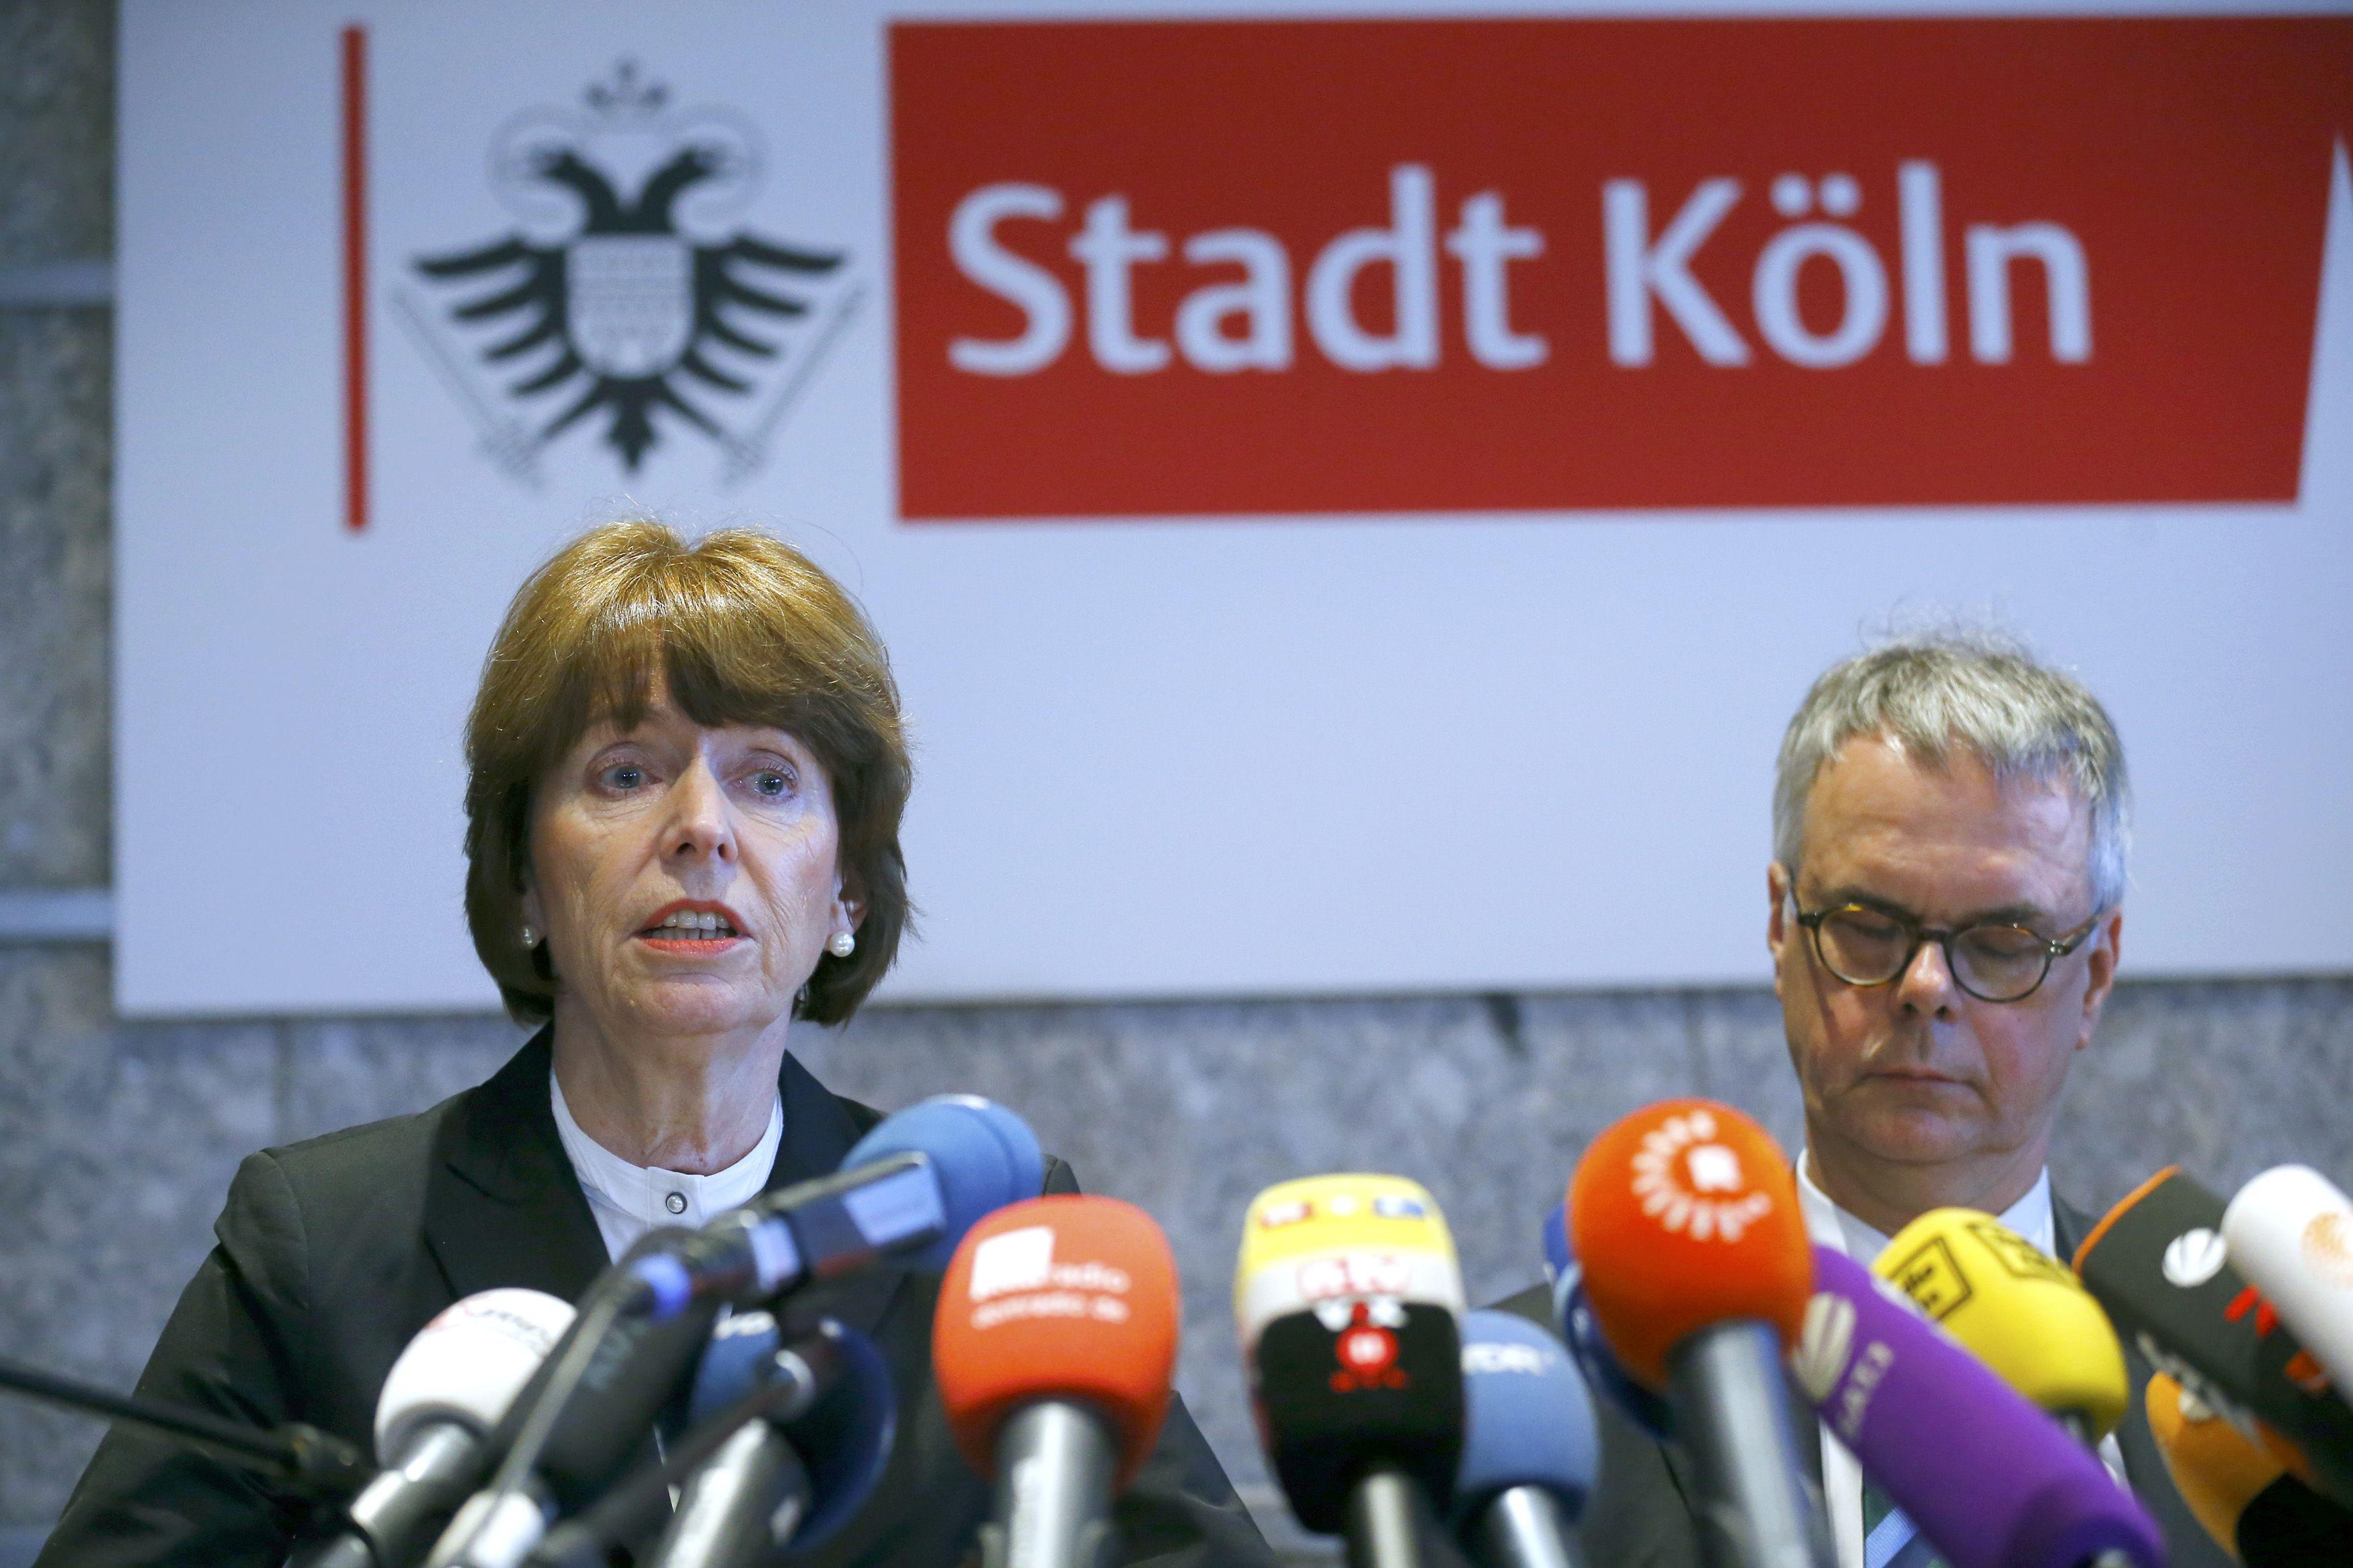 Capodanno a Colonia, donne vittime di abusi e lesioni: arrestati stranieri e rifugiati siriani